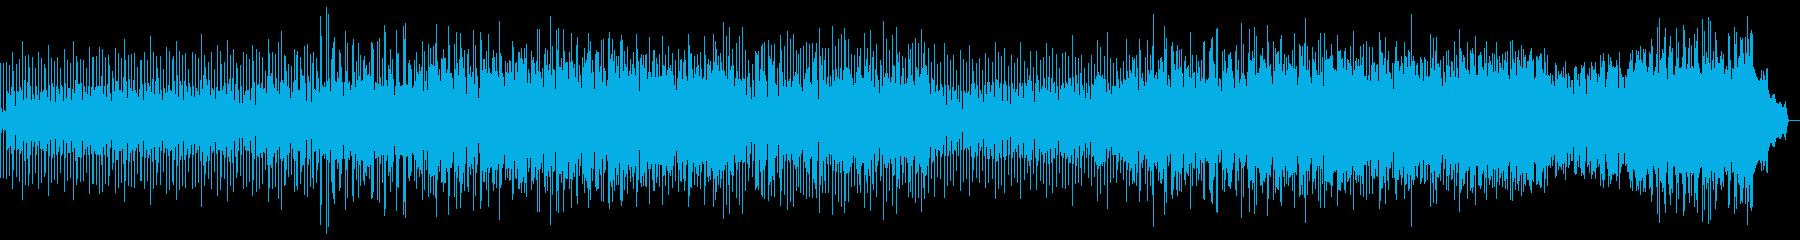 謎解き・クイズ・考察・推理のポップな曲の再生済みの波形